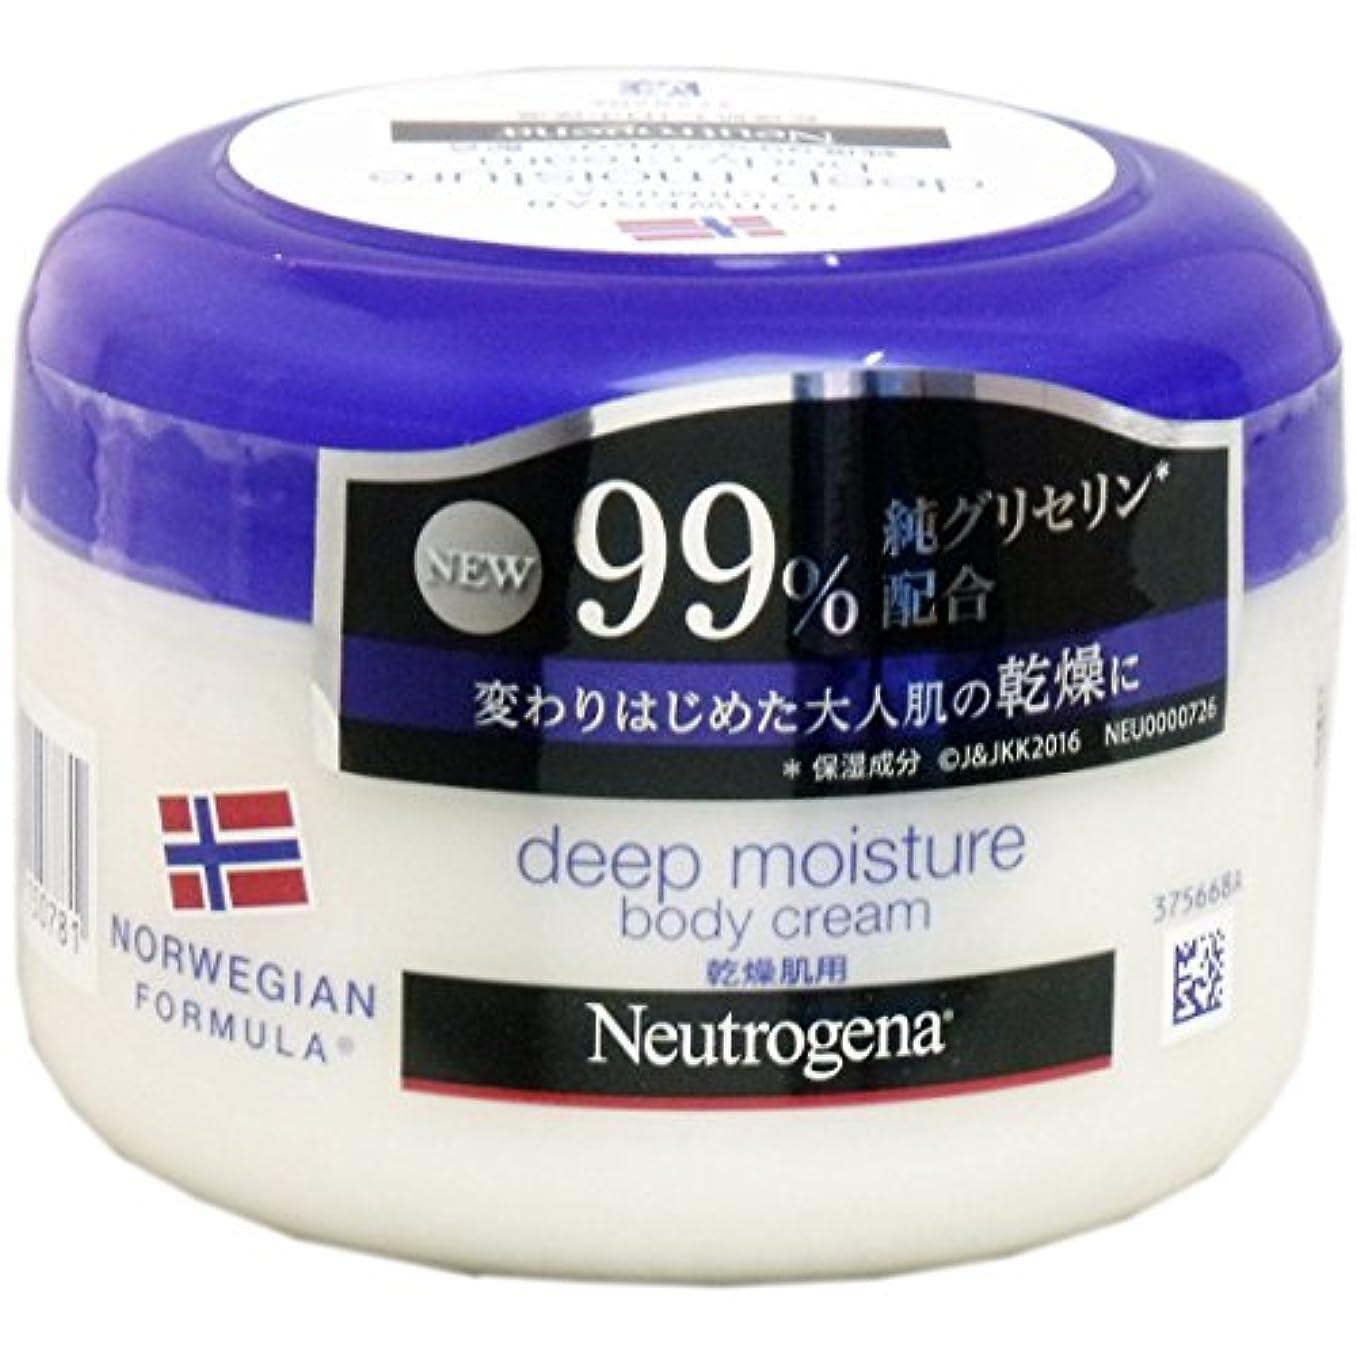 脆い控えめな調整する【まとめ買い】Neutrogena(ニュートロジーナ) ノルウェーフォーミュラ ディープモイスチャー ボディクリーム 乾燥肌用 微香性 200ml×3個